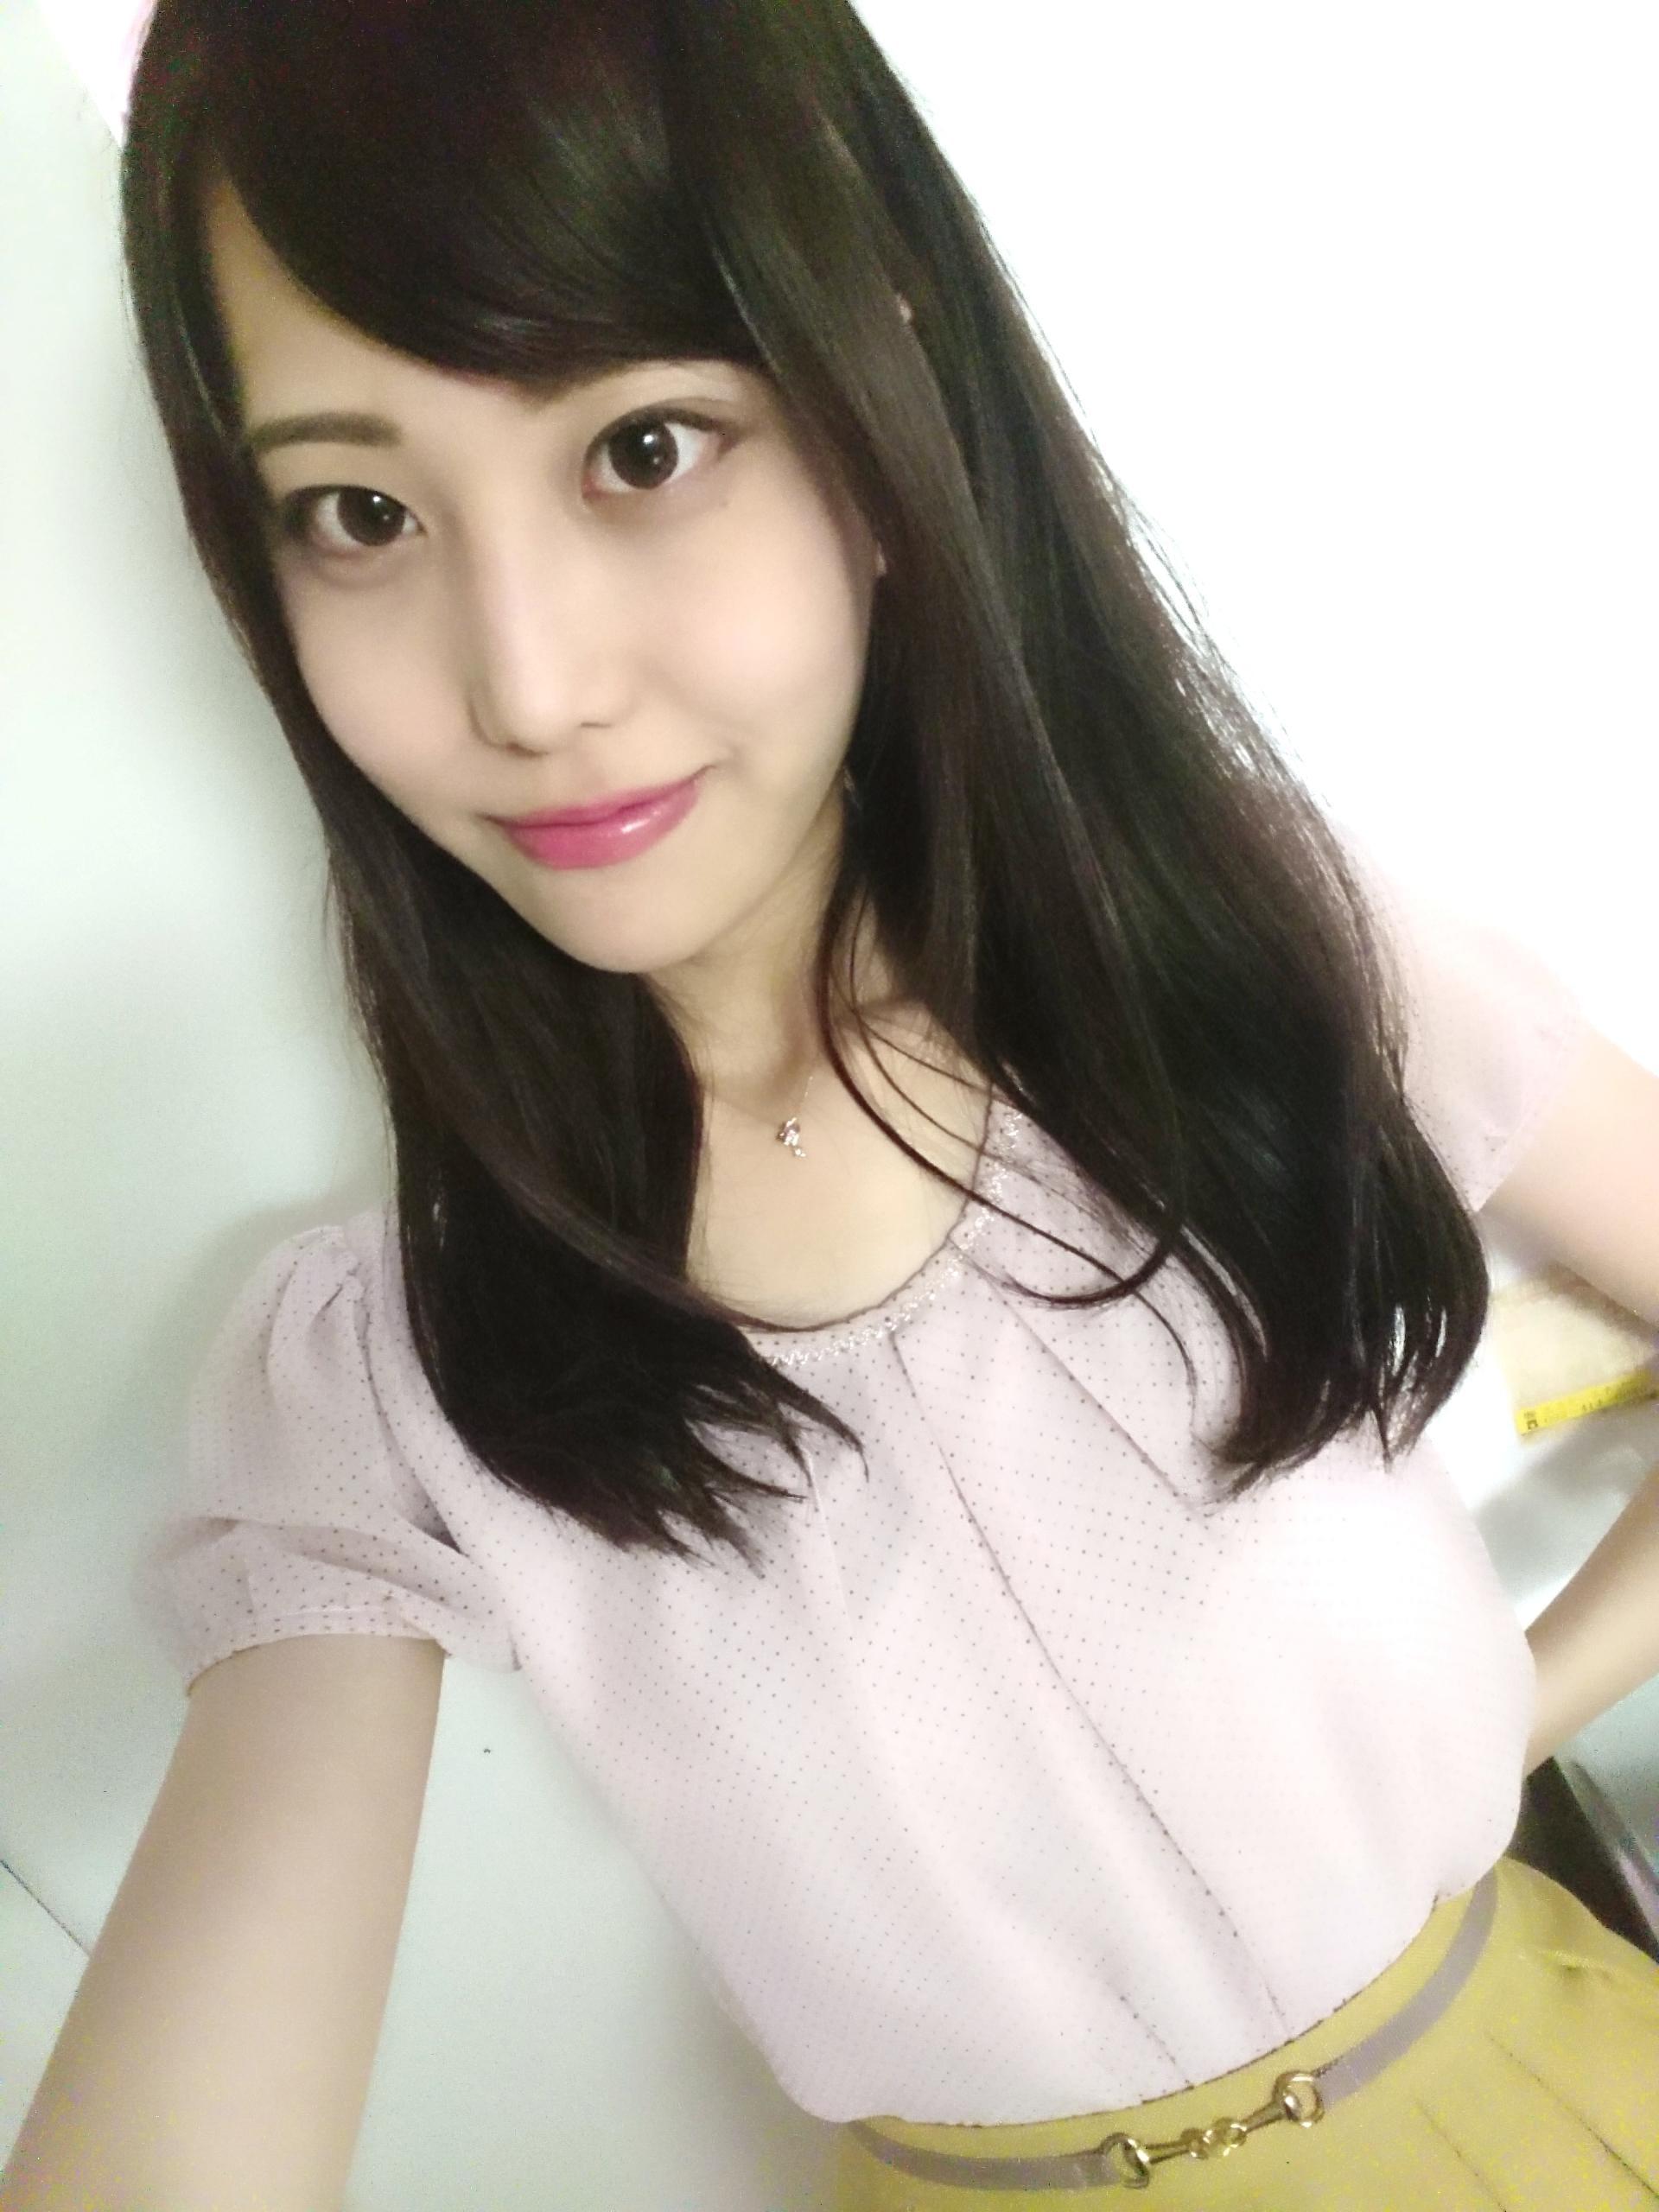 梨里花(リリカ)「アイドルです(笑)?」07/21(土) 21:40 | 梨里花(リリカ)の写メ・風俗動画